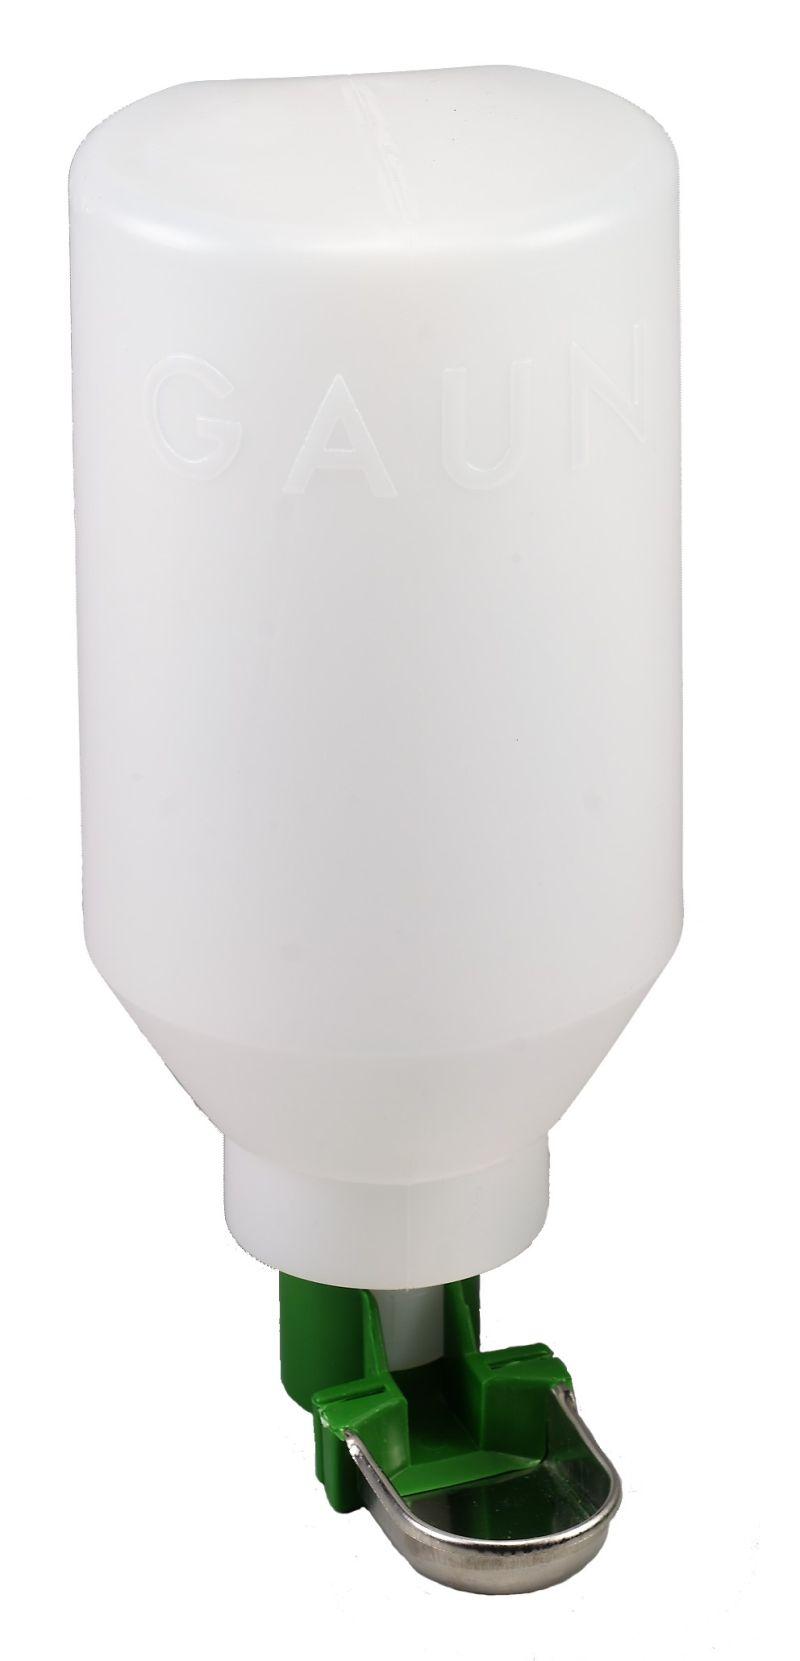 Napáječka hladinová s plastovou láhví 2 l pro ptactvo a malá zvířata